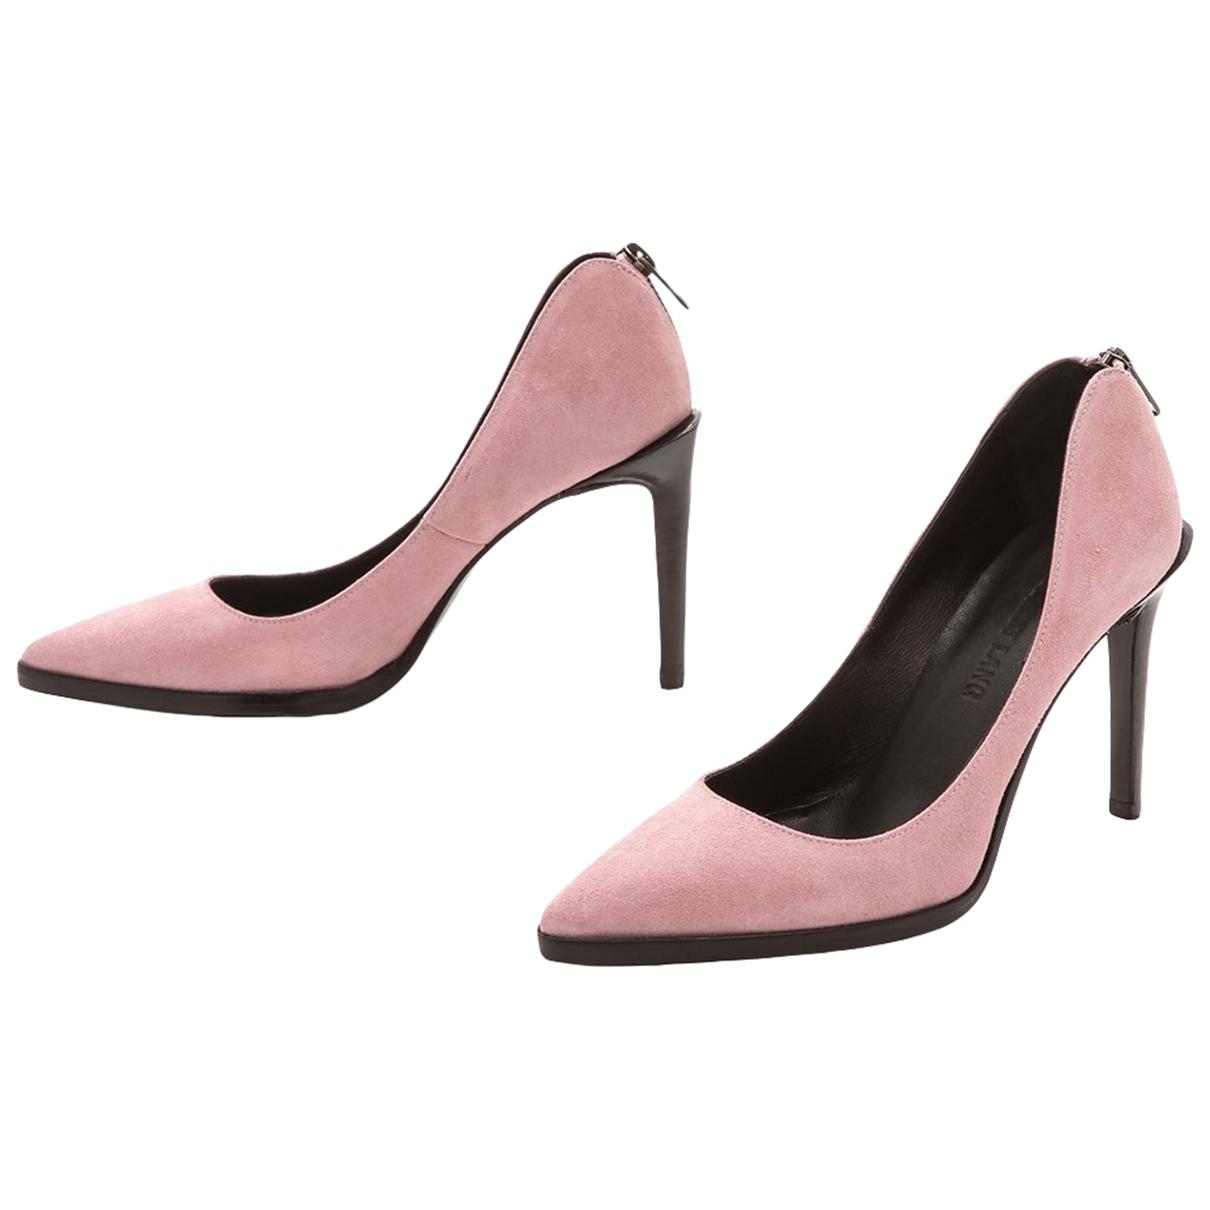 Helmut Lang \N Pink Suede Heels for Women 41 EU